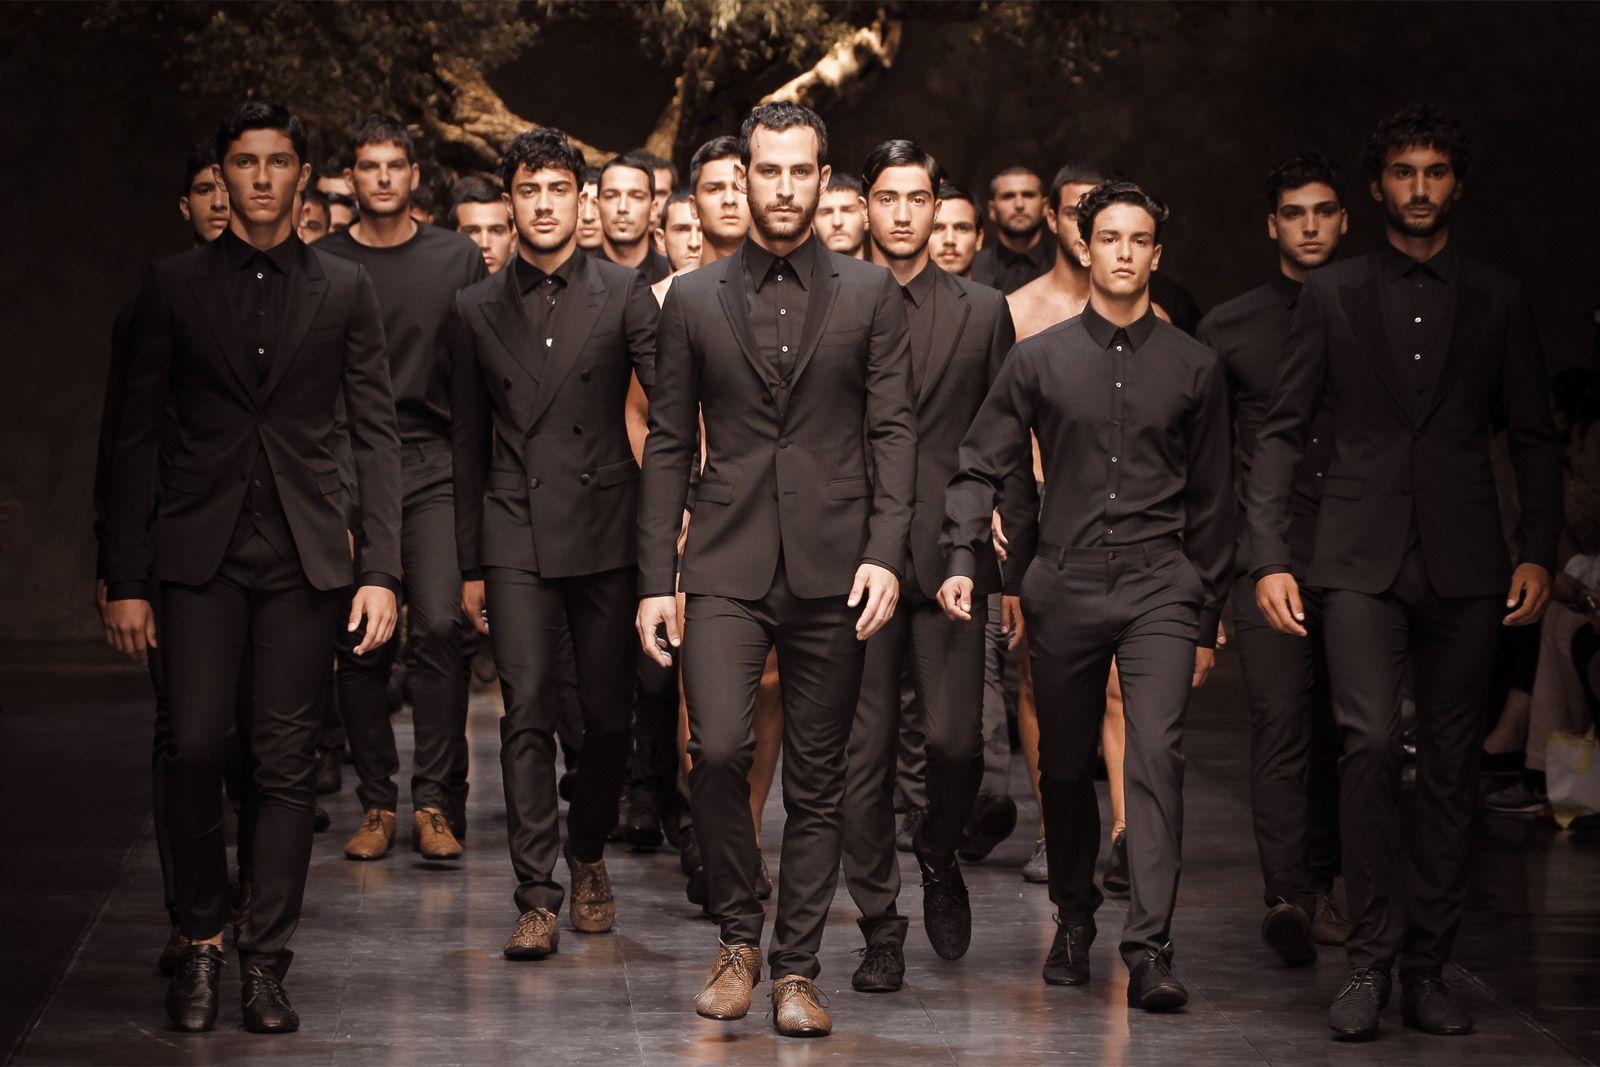 Dolce & Gabbana Sfilata Uomo – Video e Foto Estate 2014